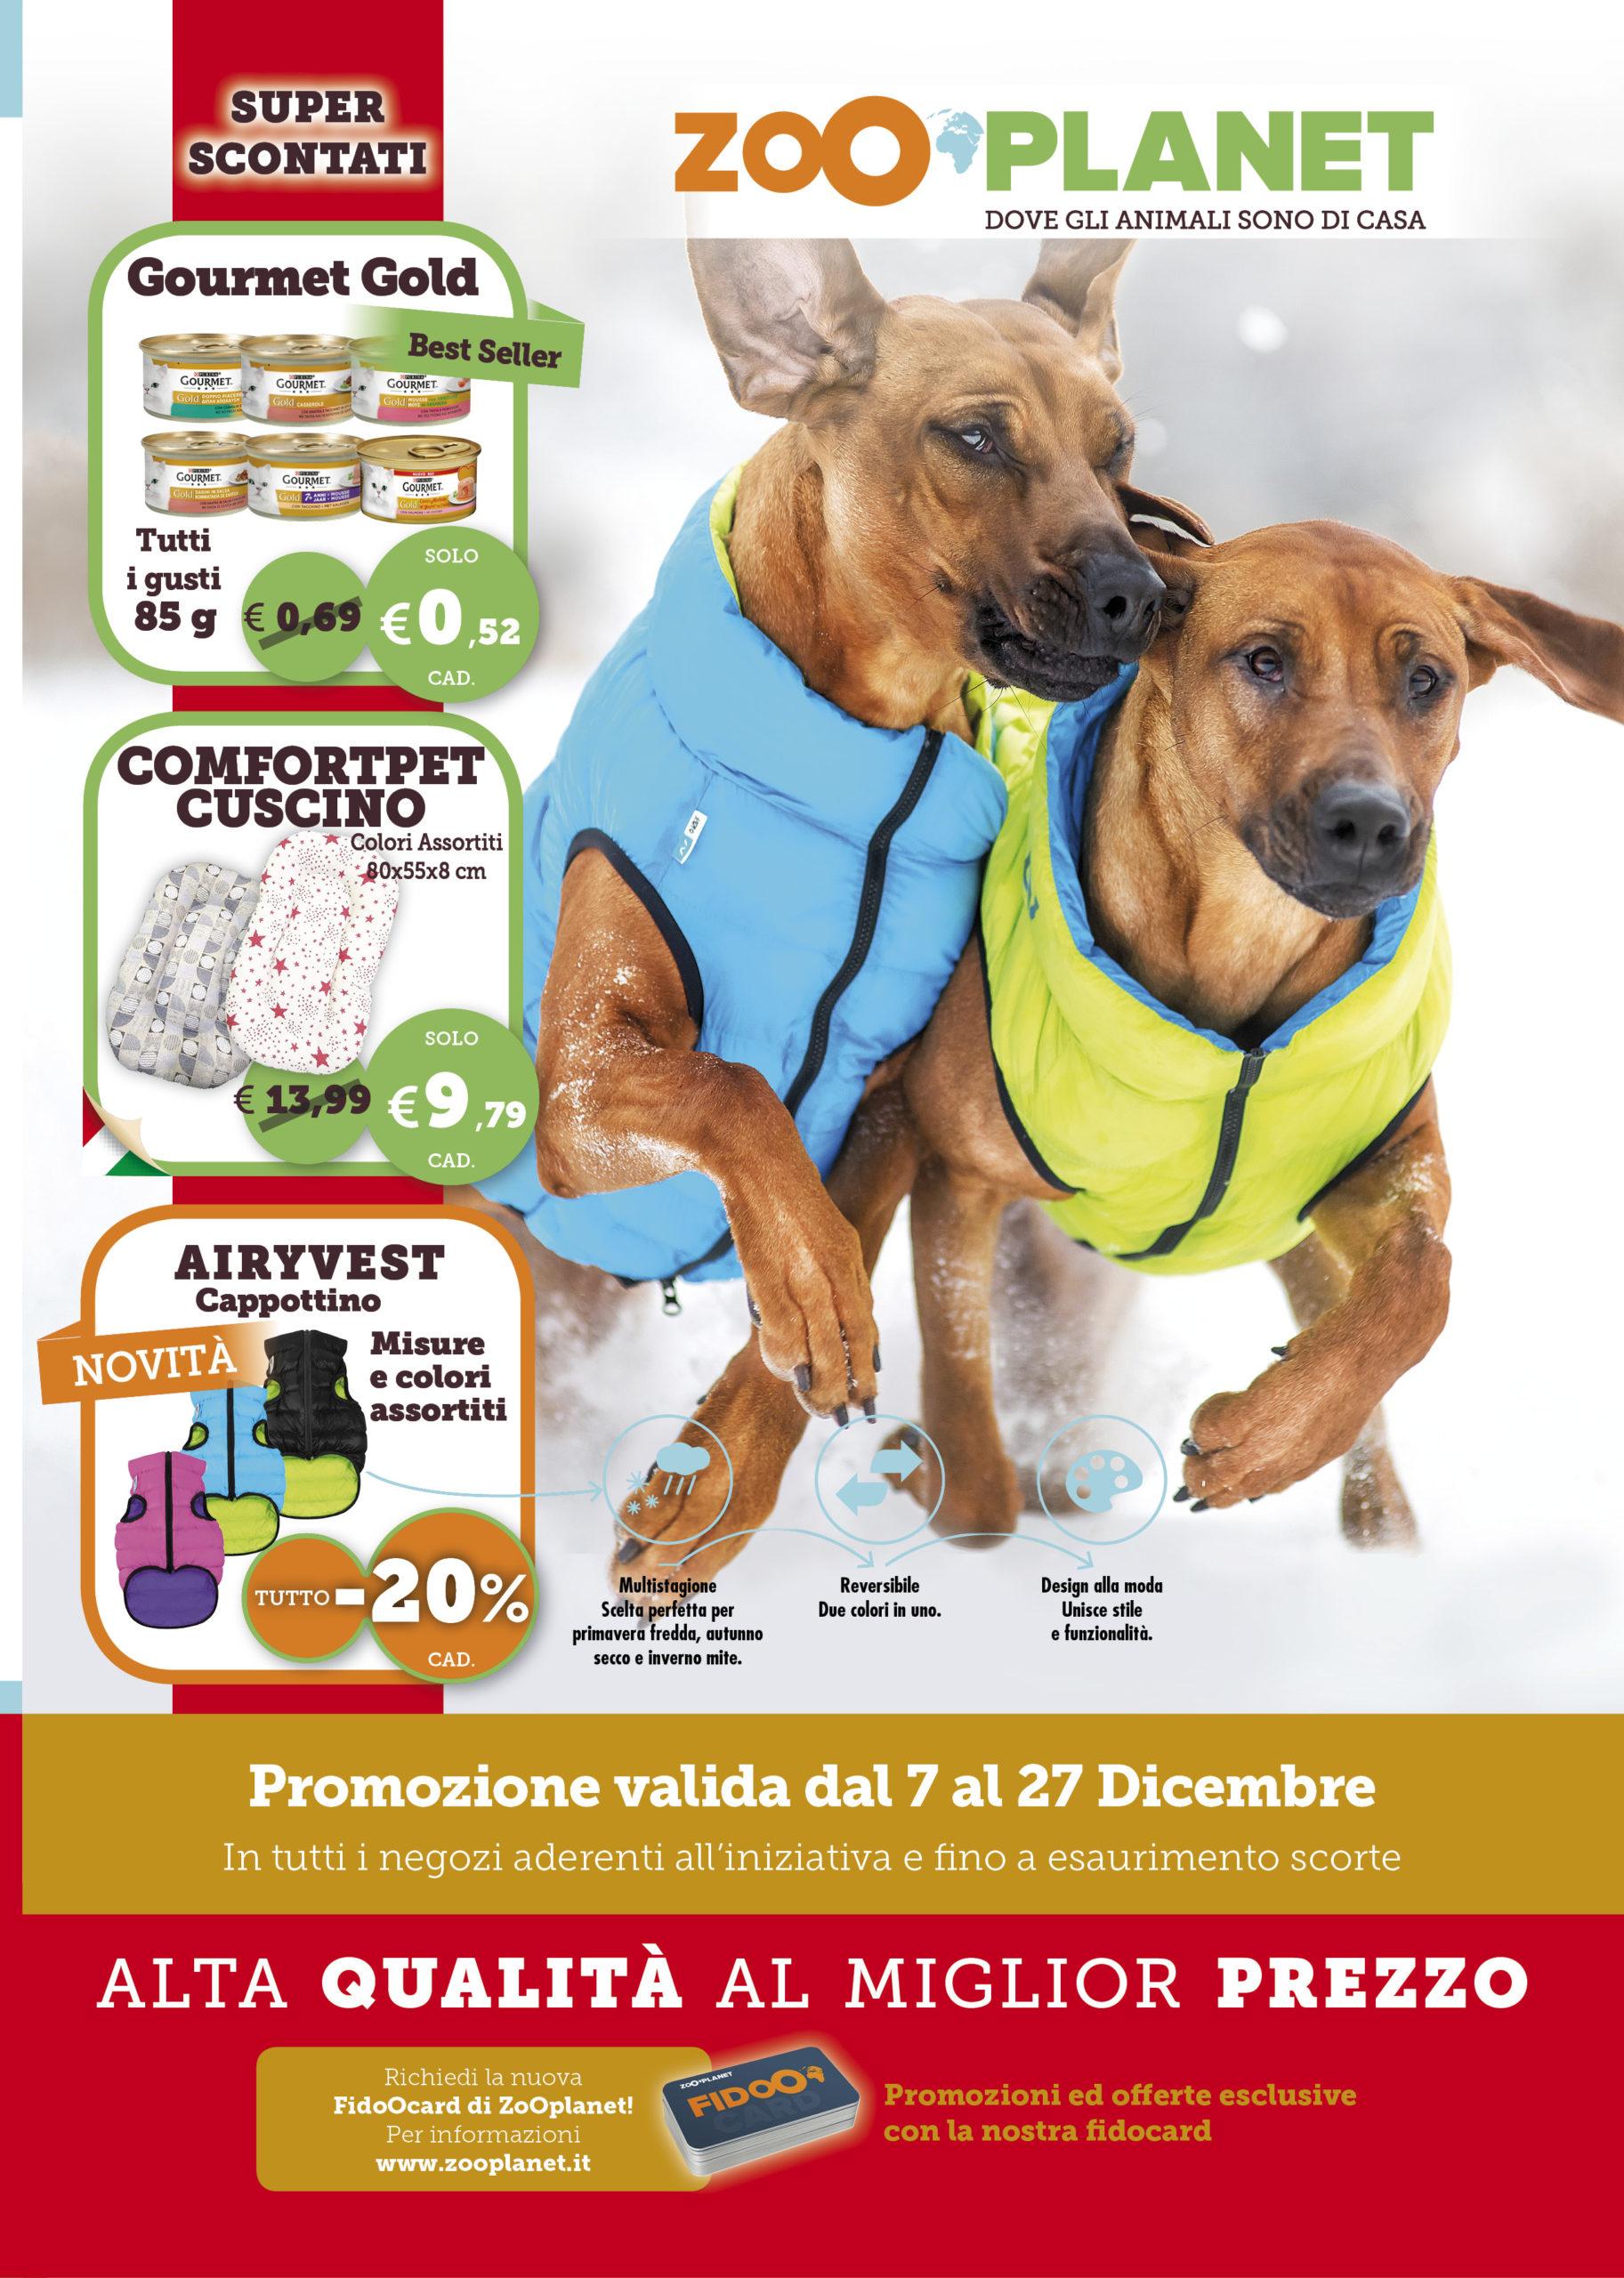 Promozioni Zooplanet Dicembre 2020